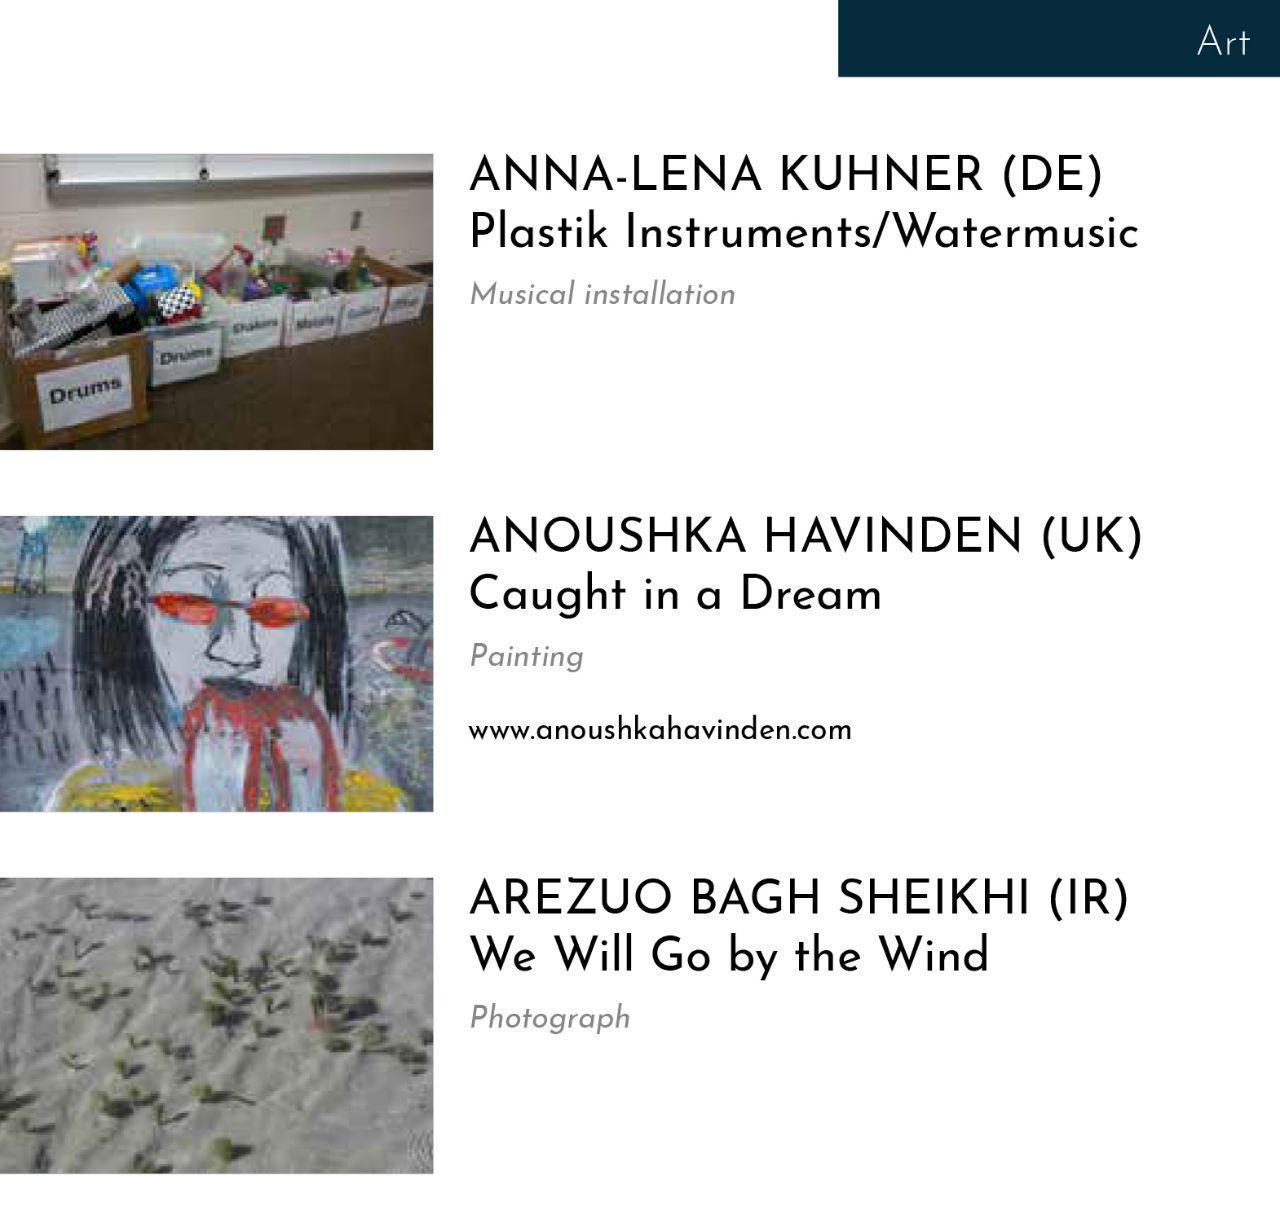 موفقیت آرزو باغشیخی در رقابت هنرهای تجسمی بین المللی